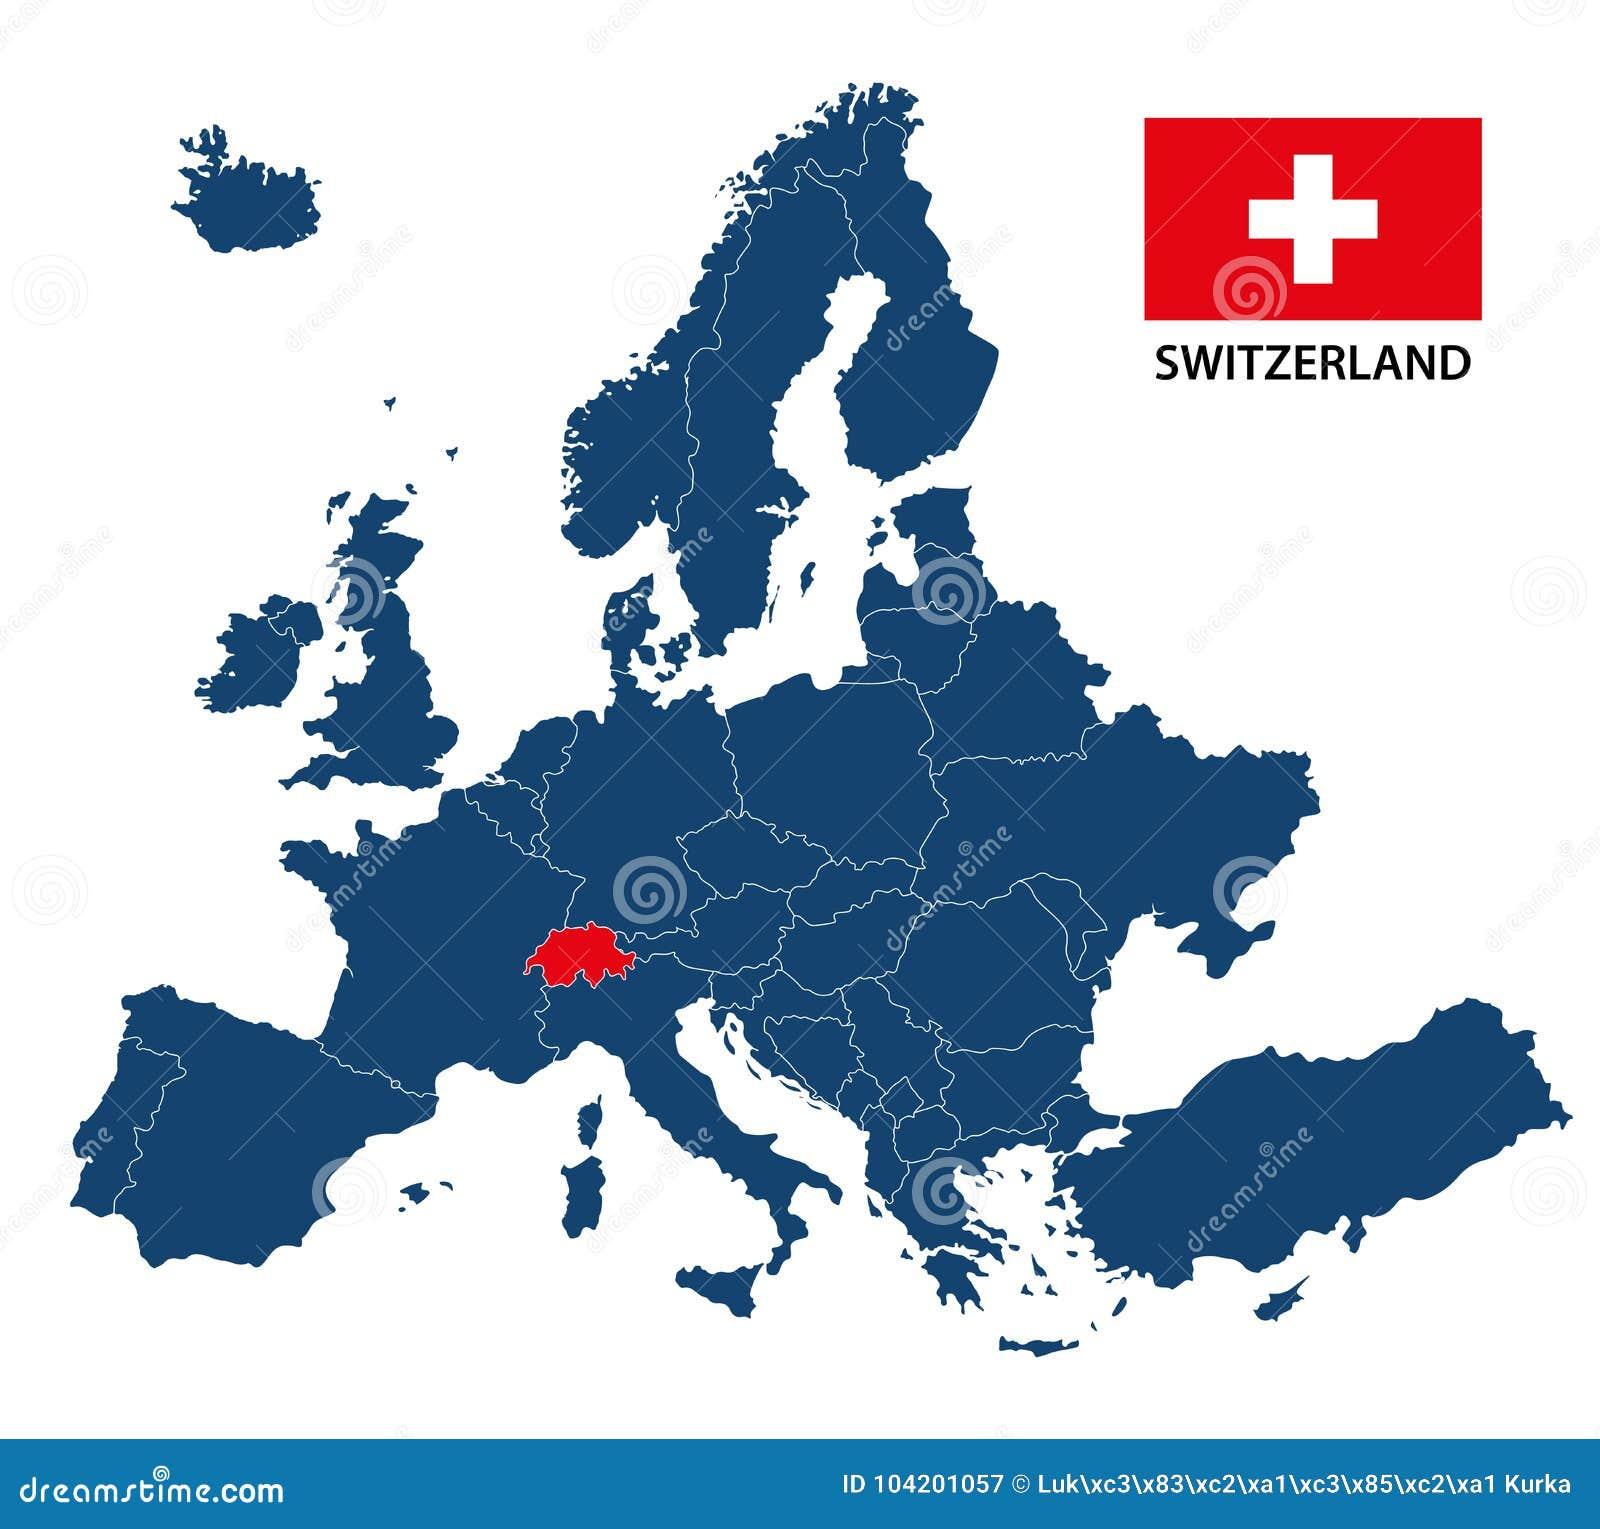 Illustratie Van Een Kaart Van Europa Met Benadrukt Zwitserland